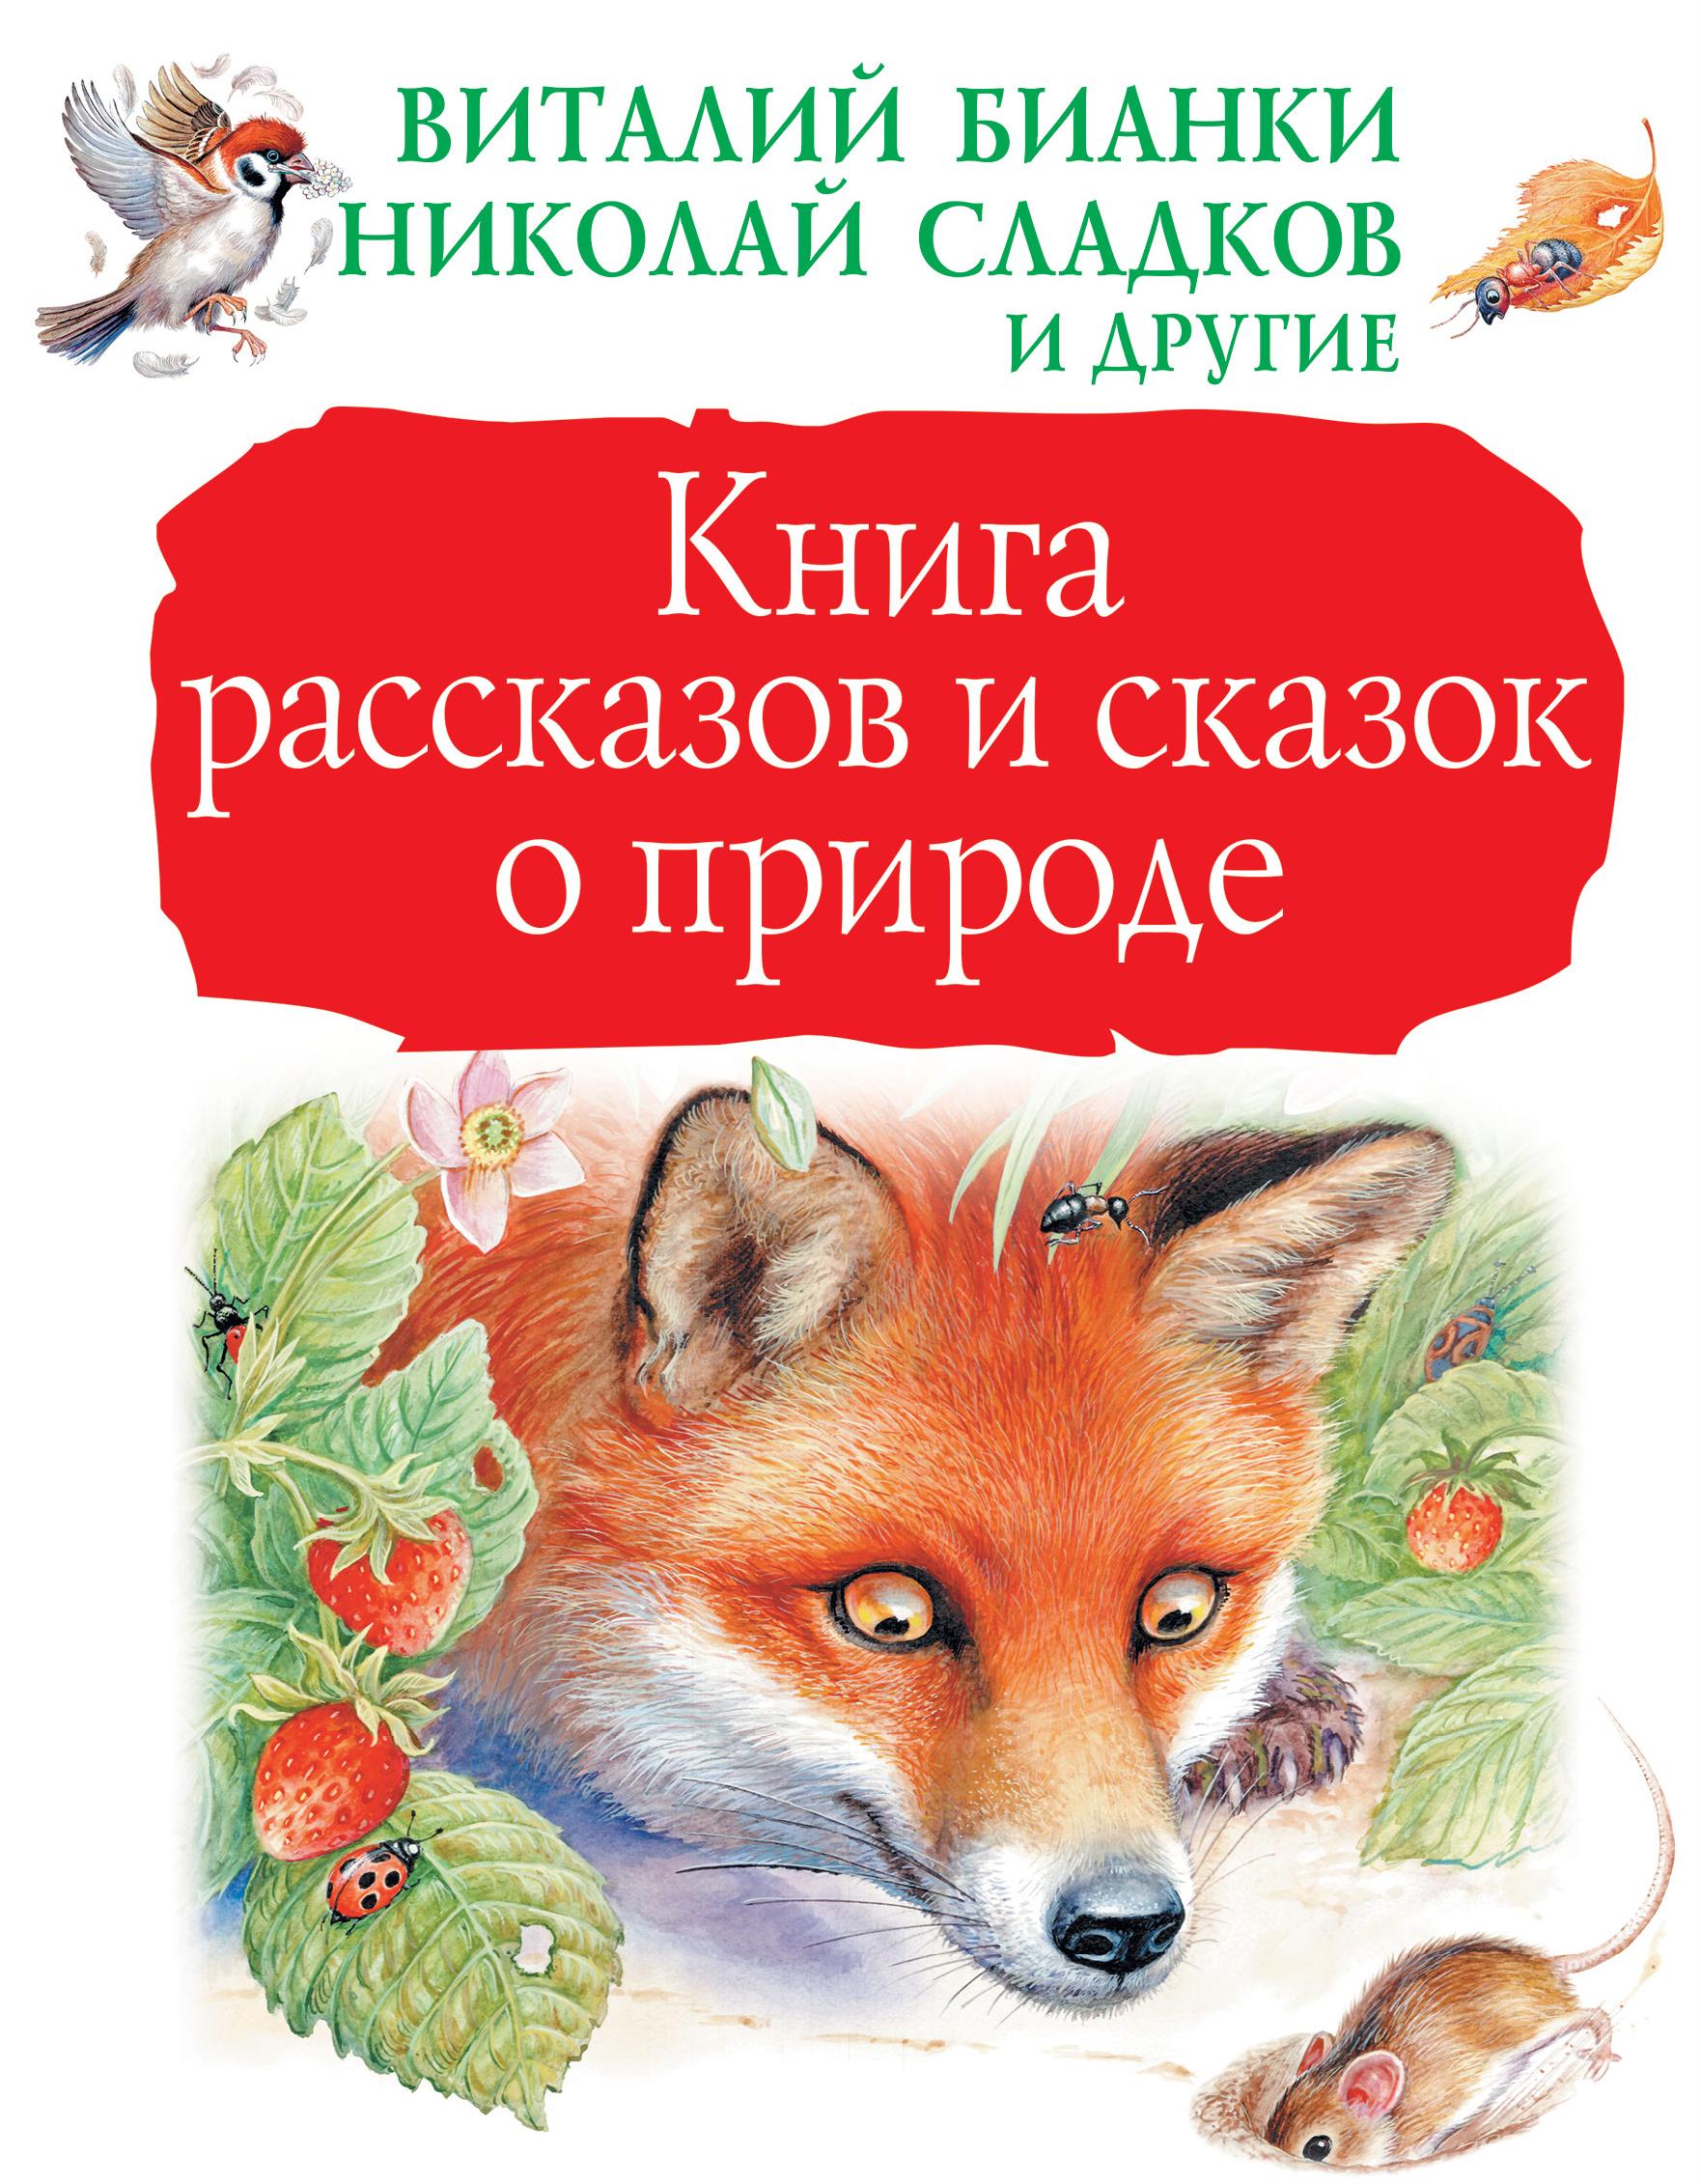 Лев Толстой Книга рассказов и сказок о природе (сборник) еремина л букашки сборник сказок